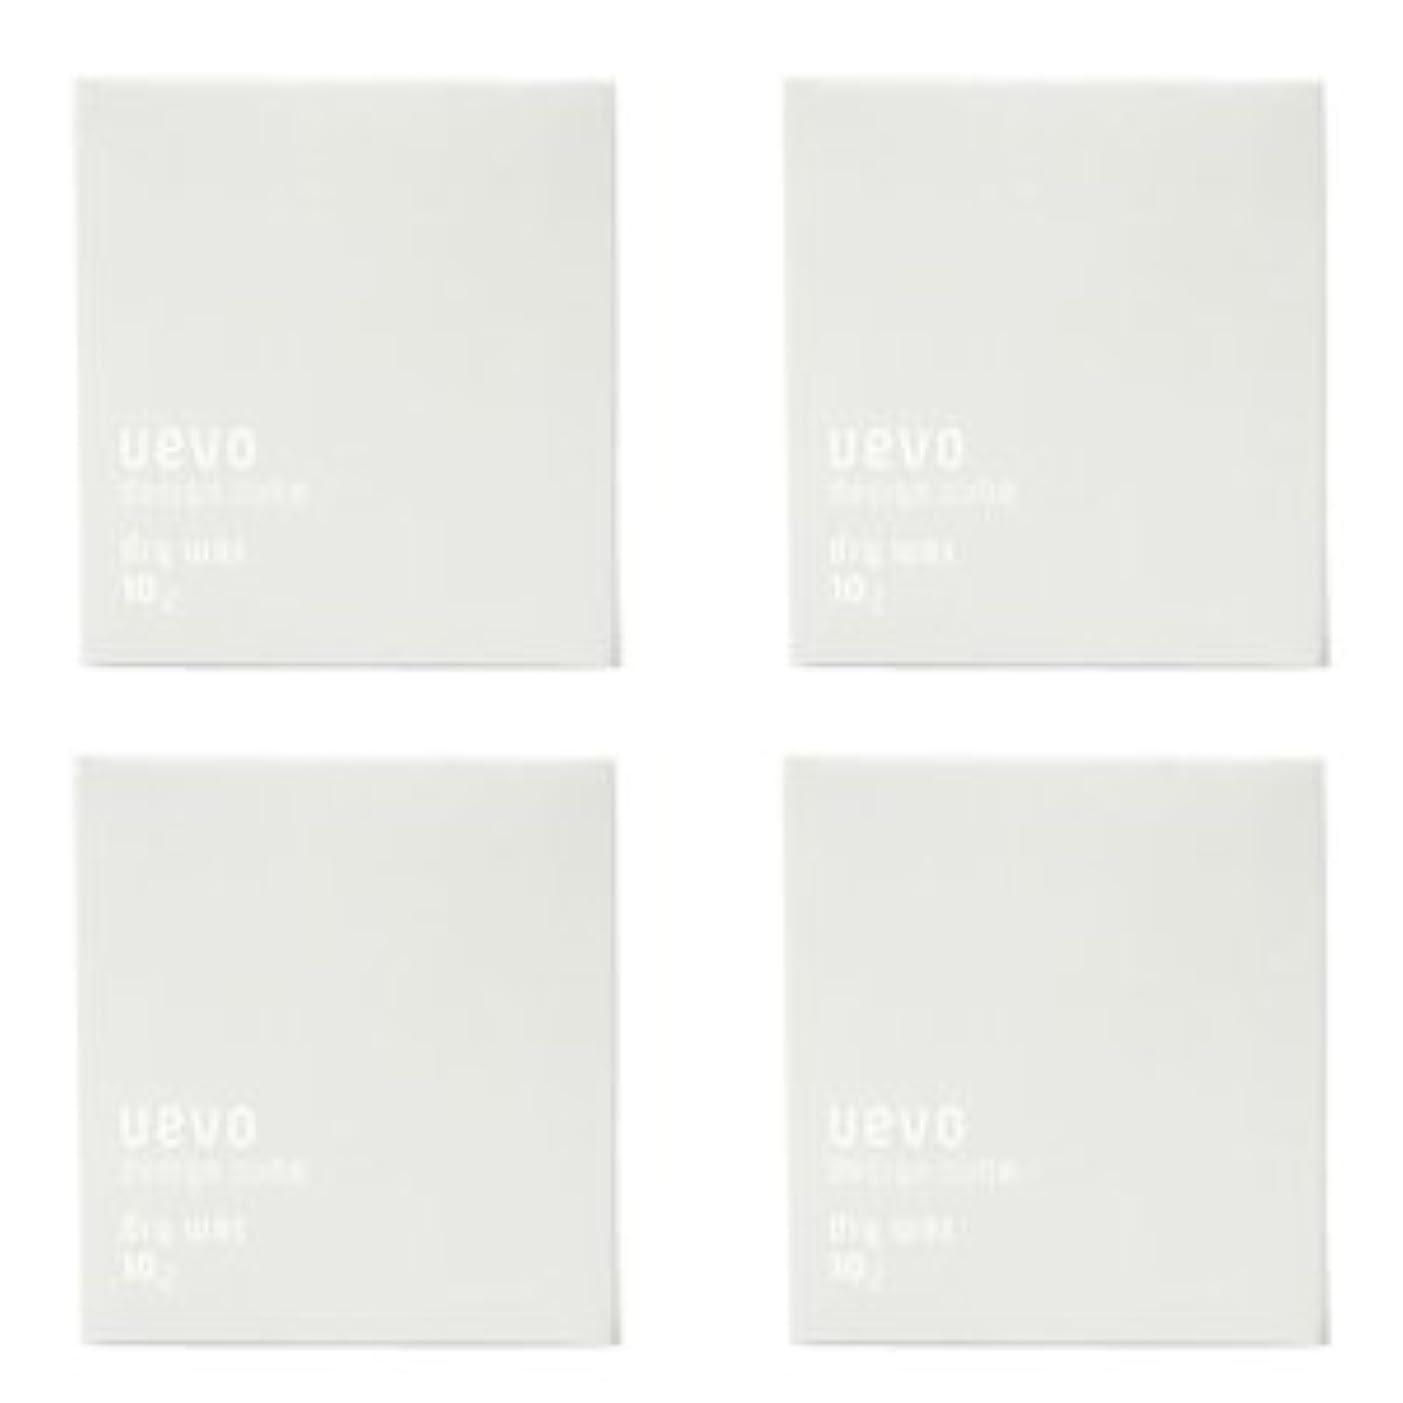 積分強風辛な【X4個セット】 デミ ウェーボ デザインキューブ ドライワックス 80g dry wax